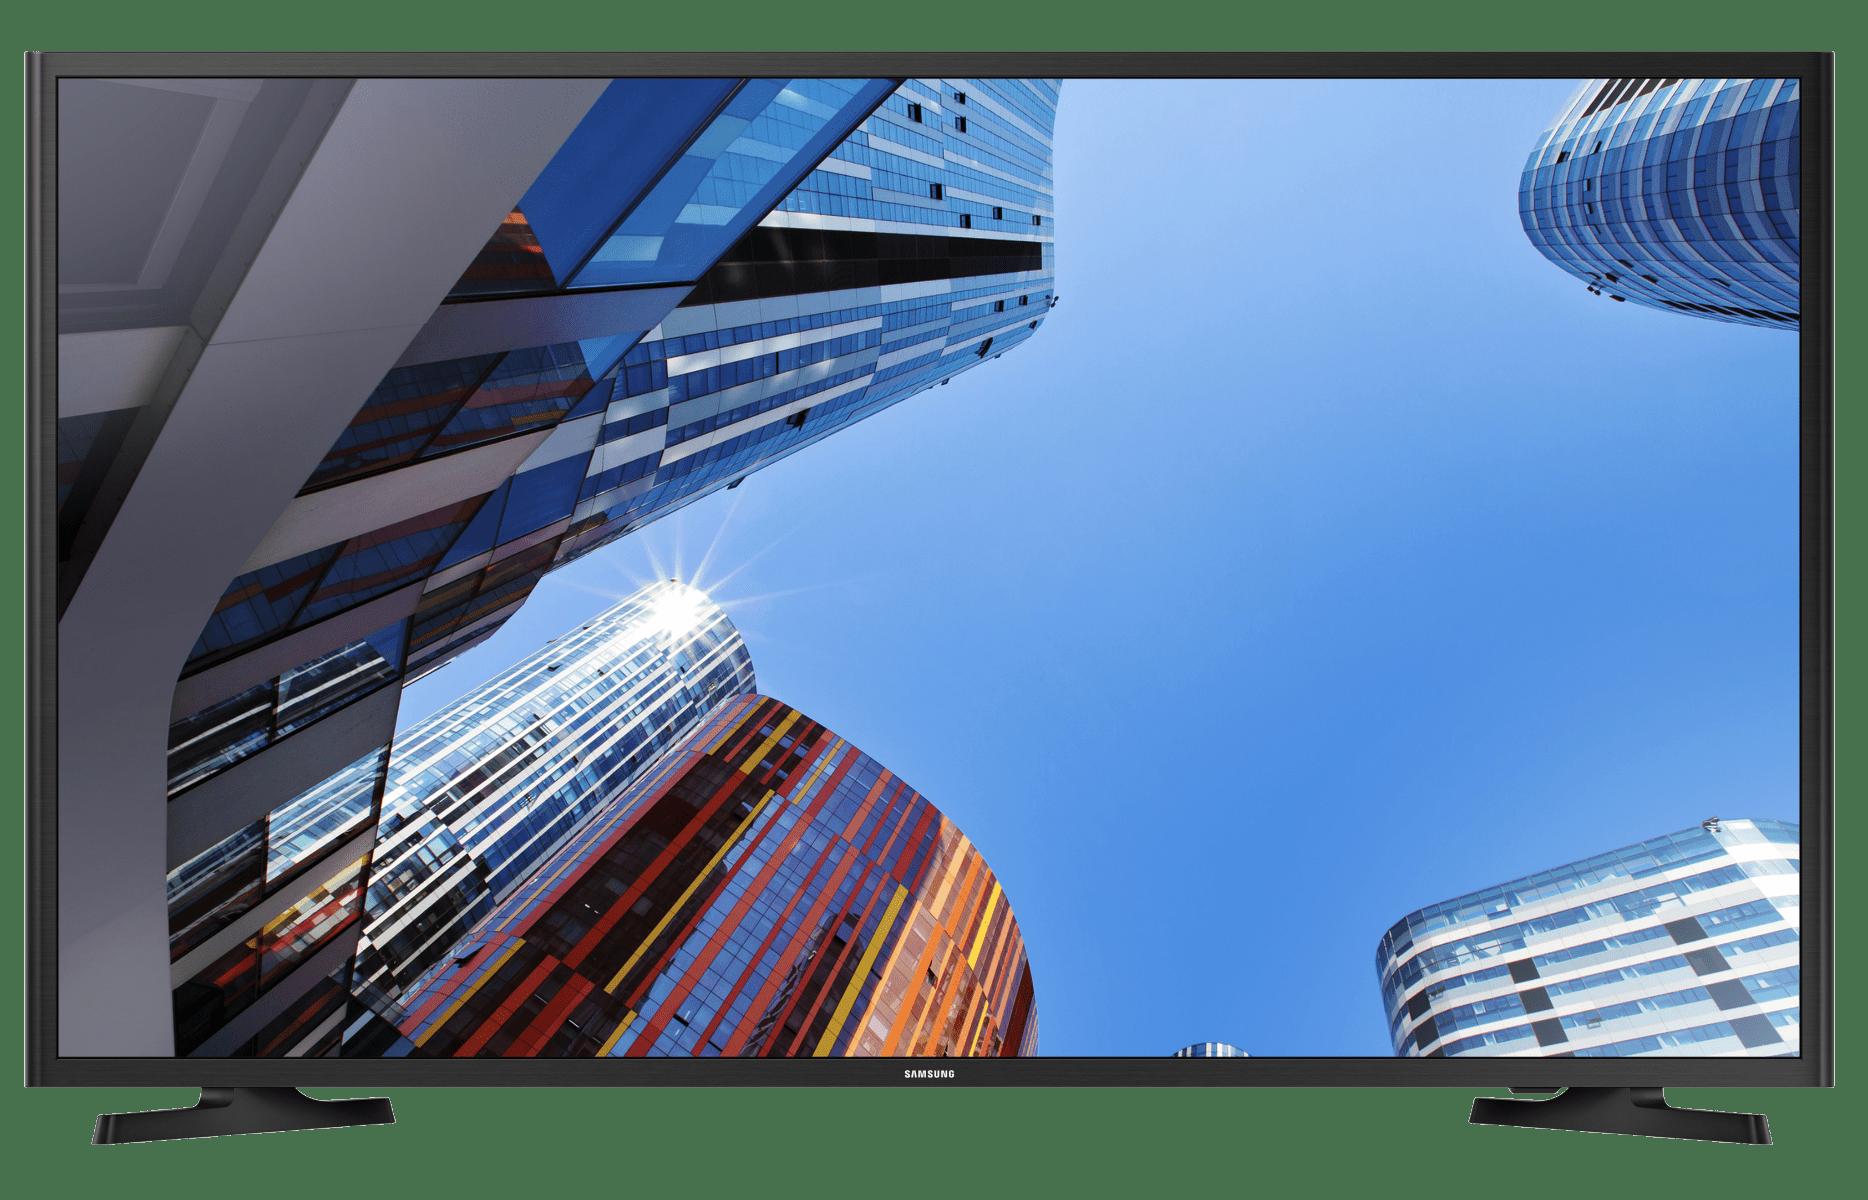 Продажа ТеРевизоров ТеРевизор SAMSUNG UE32M5000AKXUA